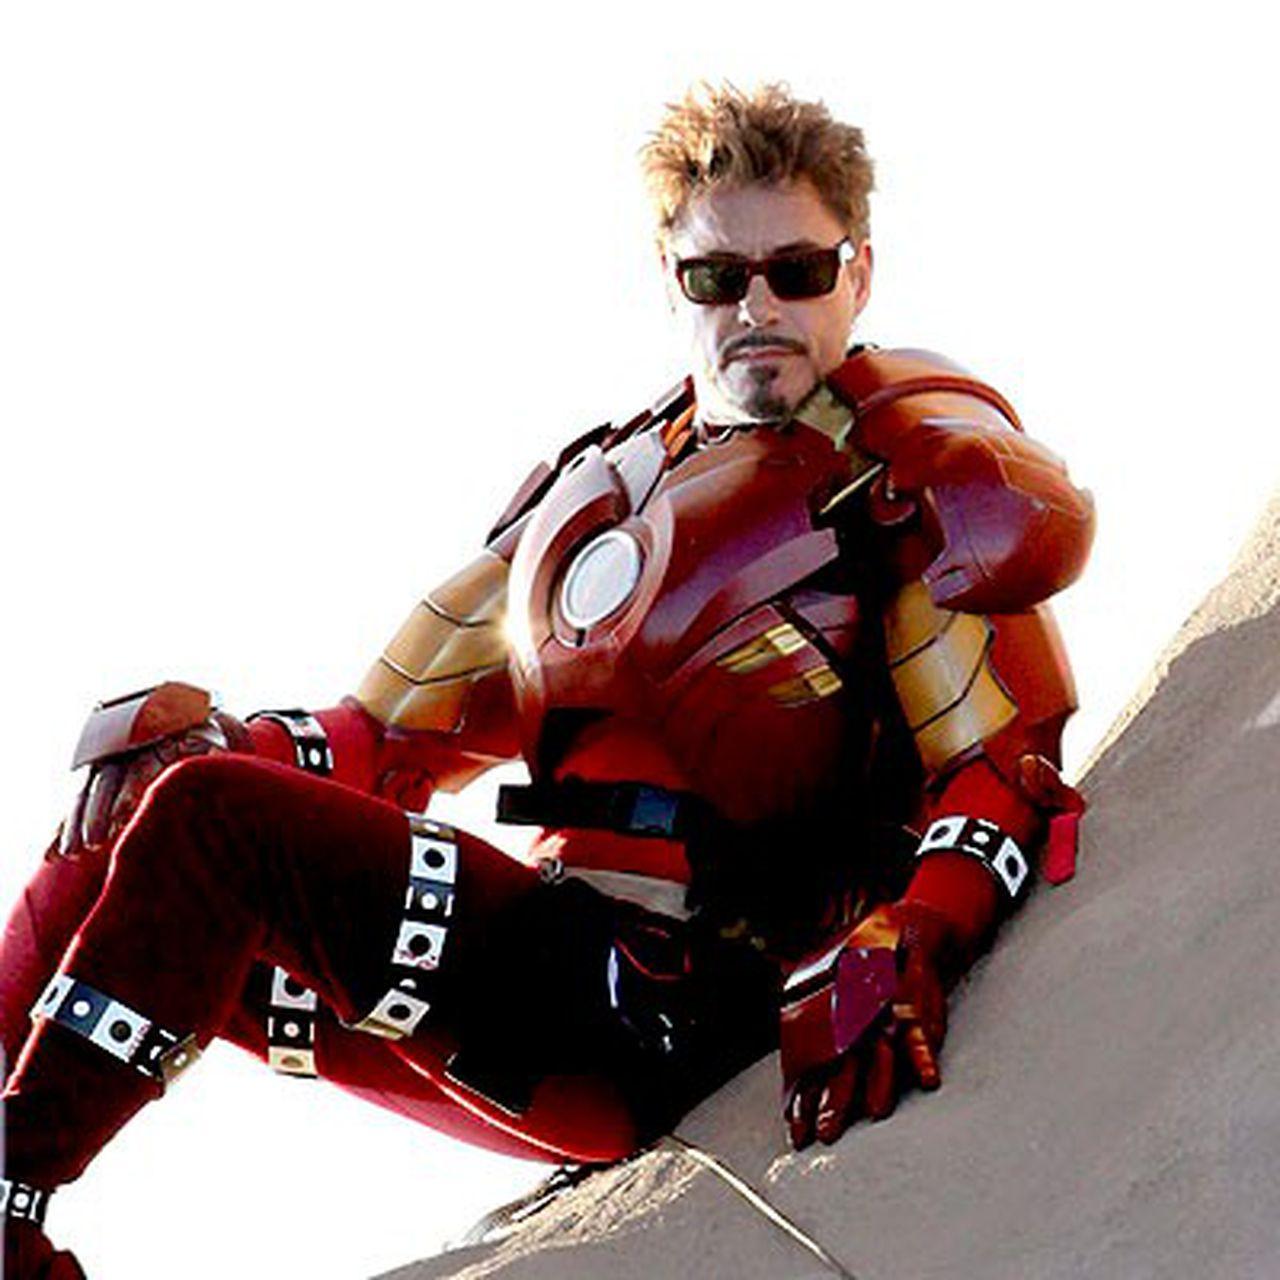 File:Iron-man-2.jpg